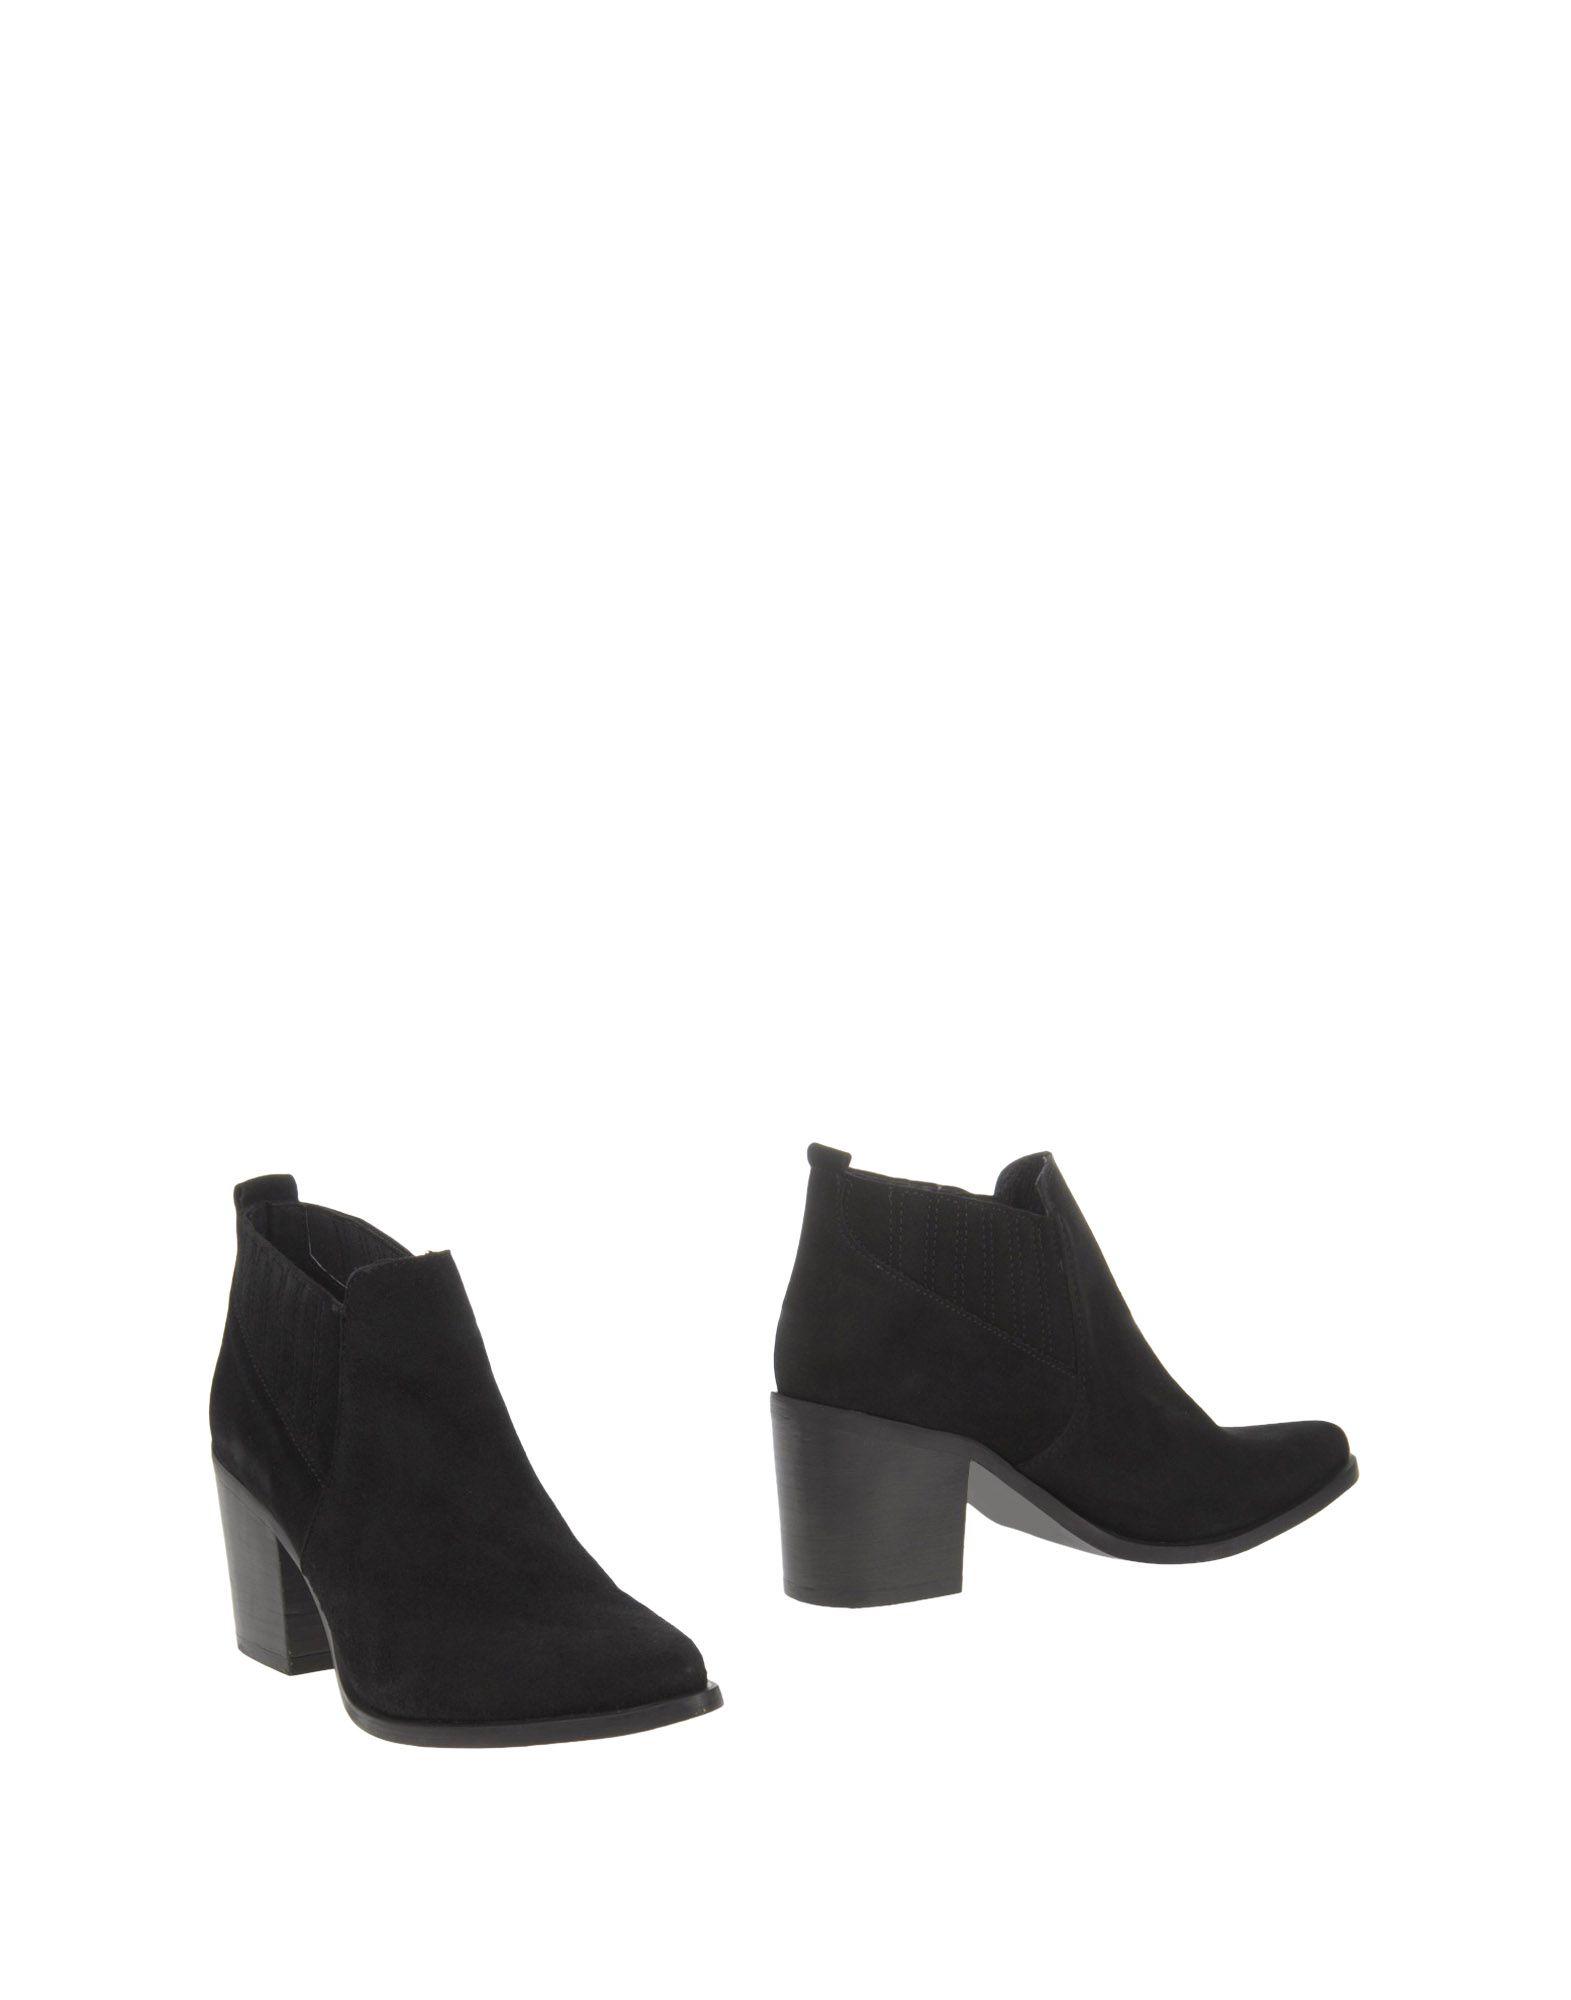 Steve Madden Stiefelette Damen  11262322KK Gute Gute 11262322KK Qualität beliebte Schuhe 220d39